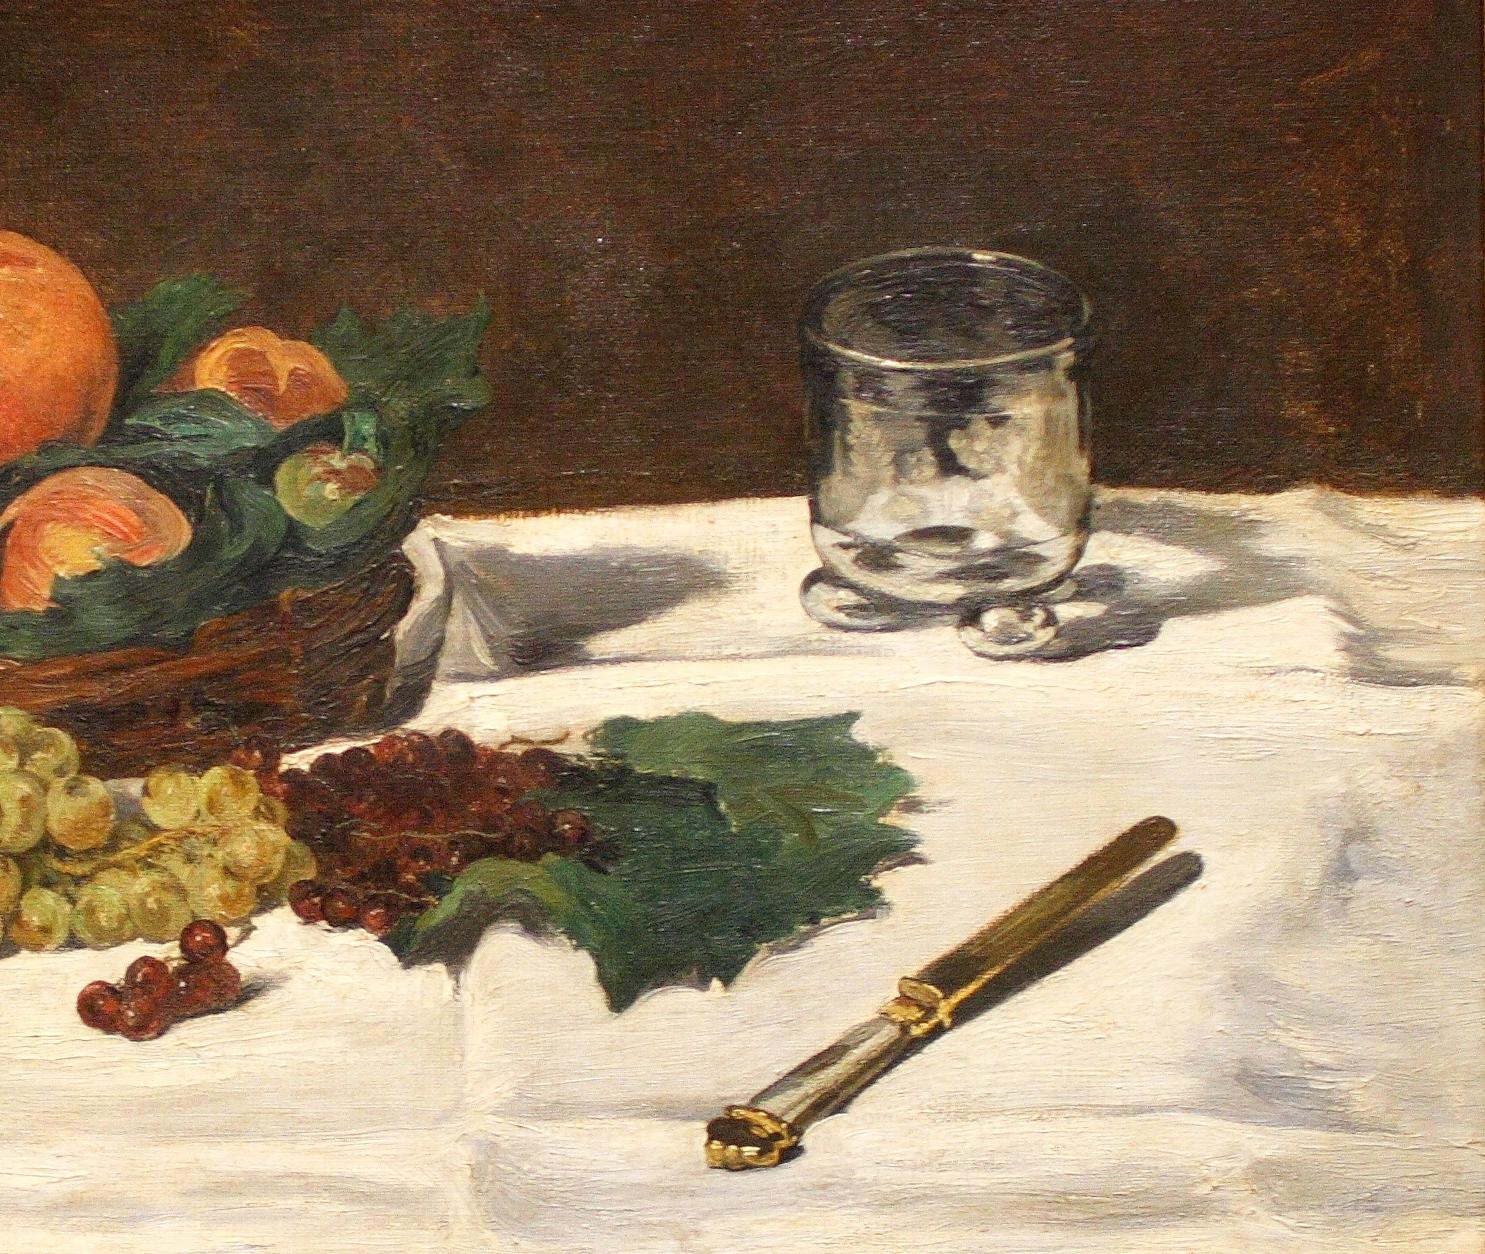 художник Мане Manet Натюрморт с фруктами на столе пейзажи природы Альберт Сафиуллин